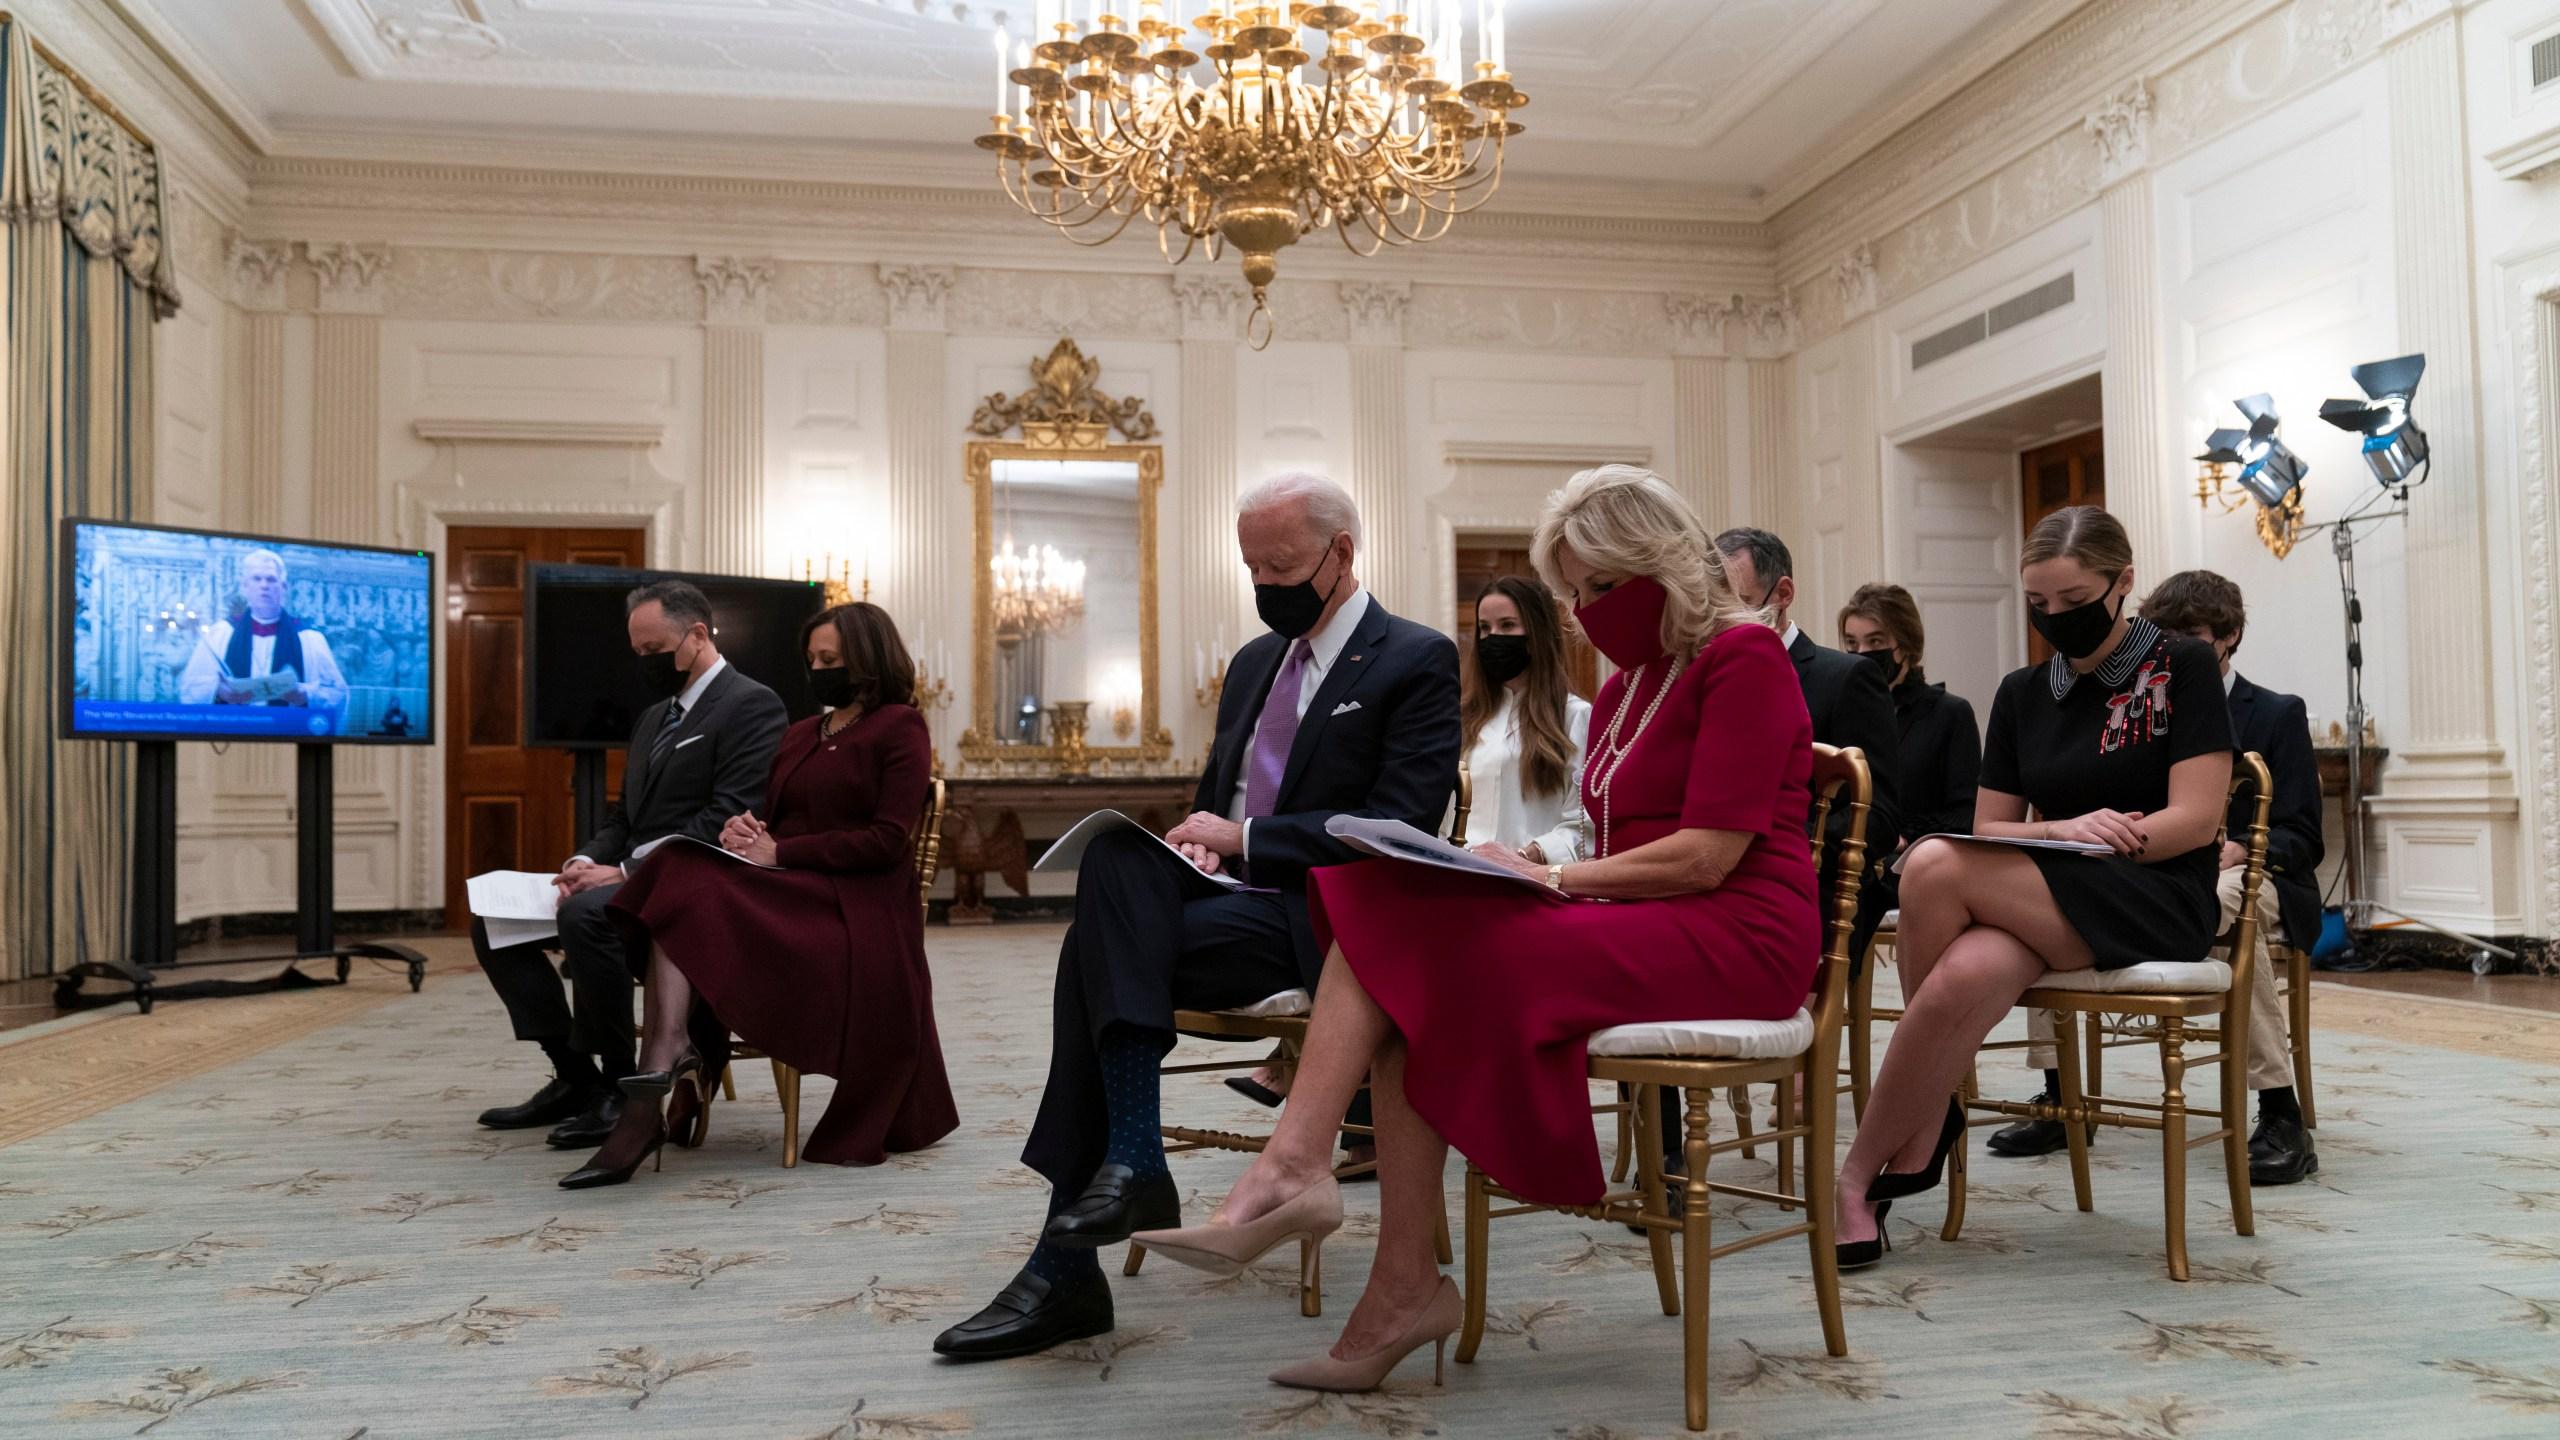 Joe Biden, Jill Biden, Kamala Harris, Doug Emhoff